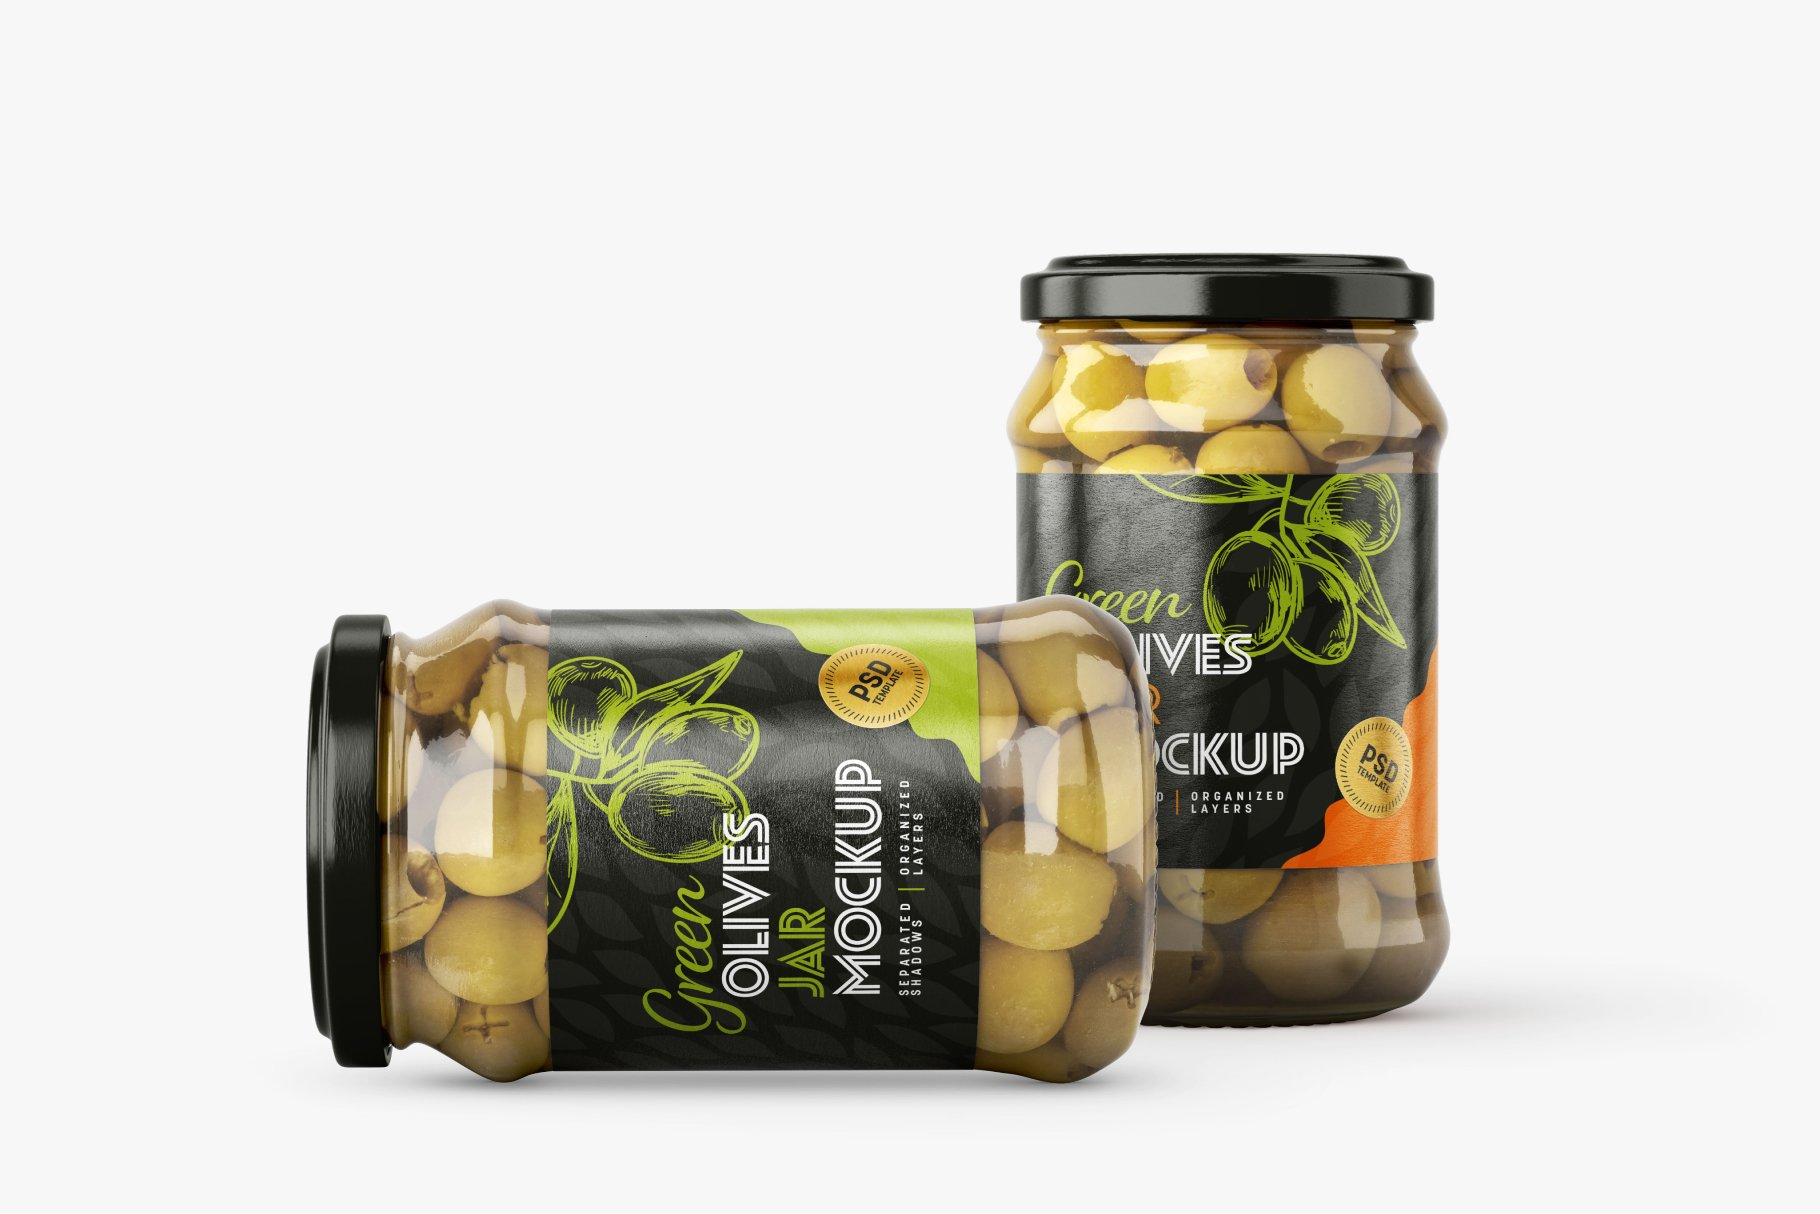 9款新潮华丽食品果酱罐头玻璃罐标签设计样机合集 Olives Jar Mockup Set插图8